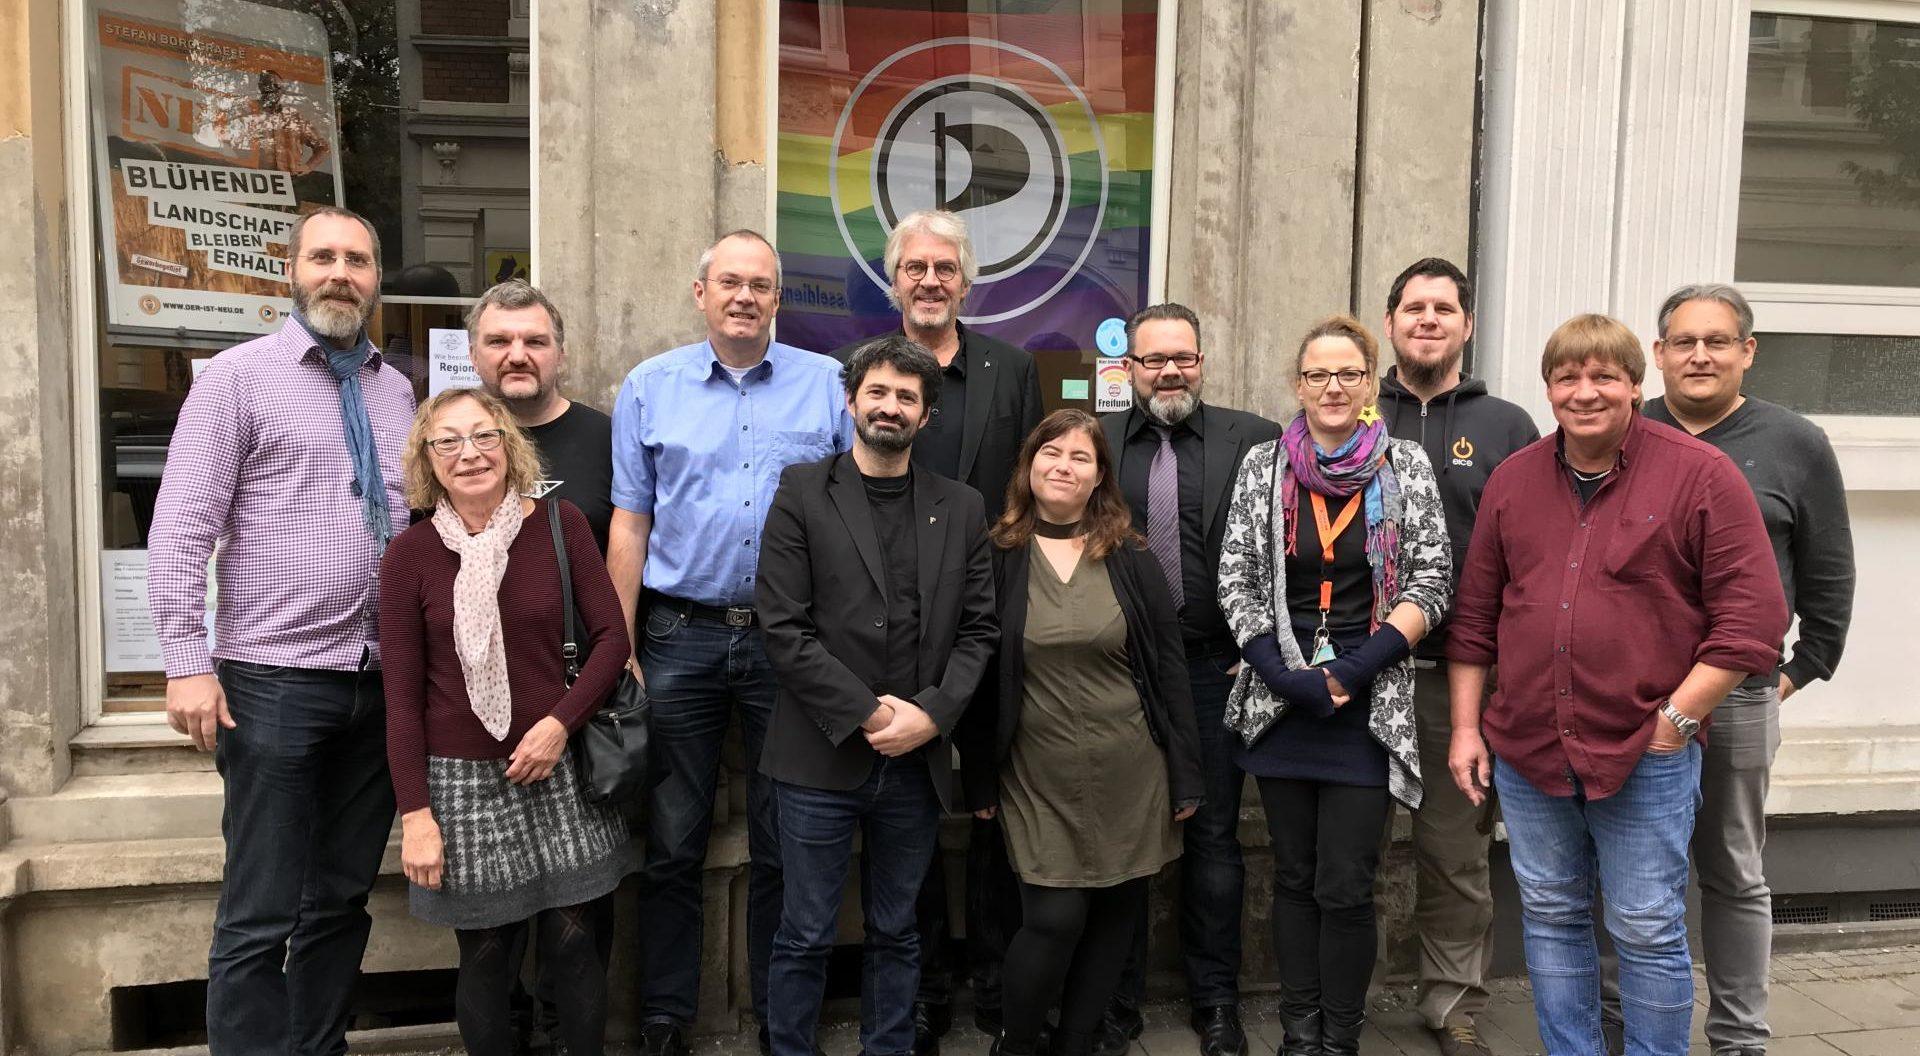 Gruppenfoto vom KPT 2018.2 mit Gästen vom Landesvorstand